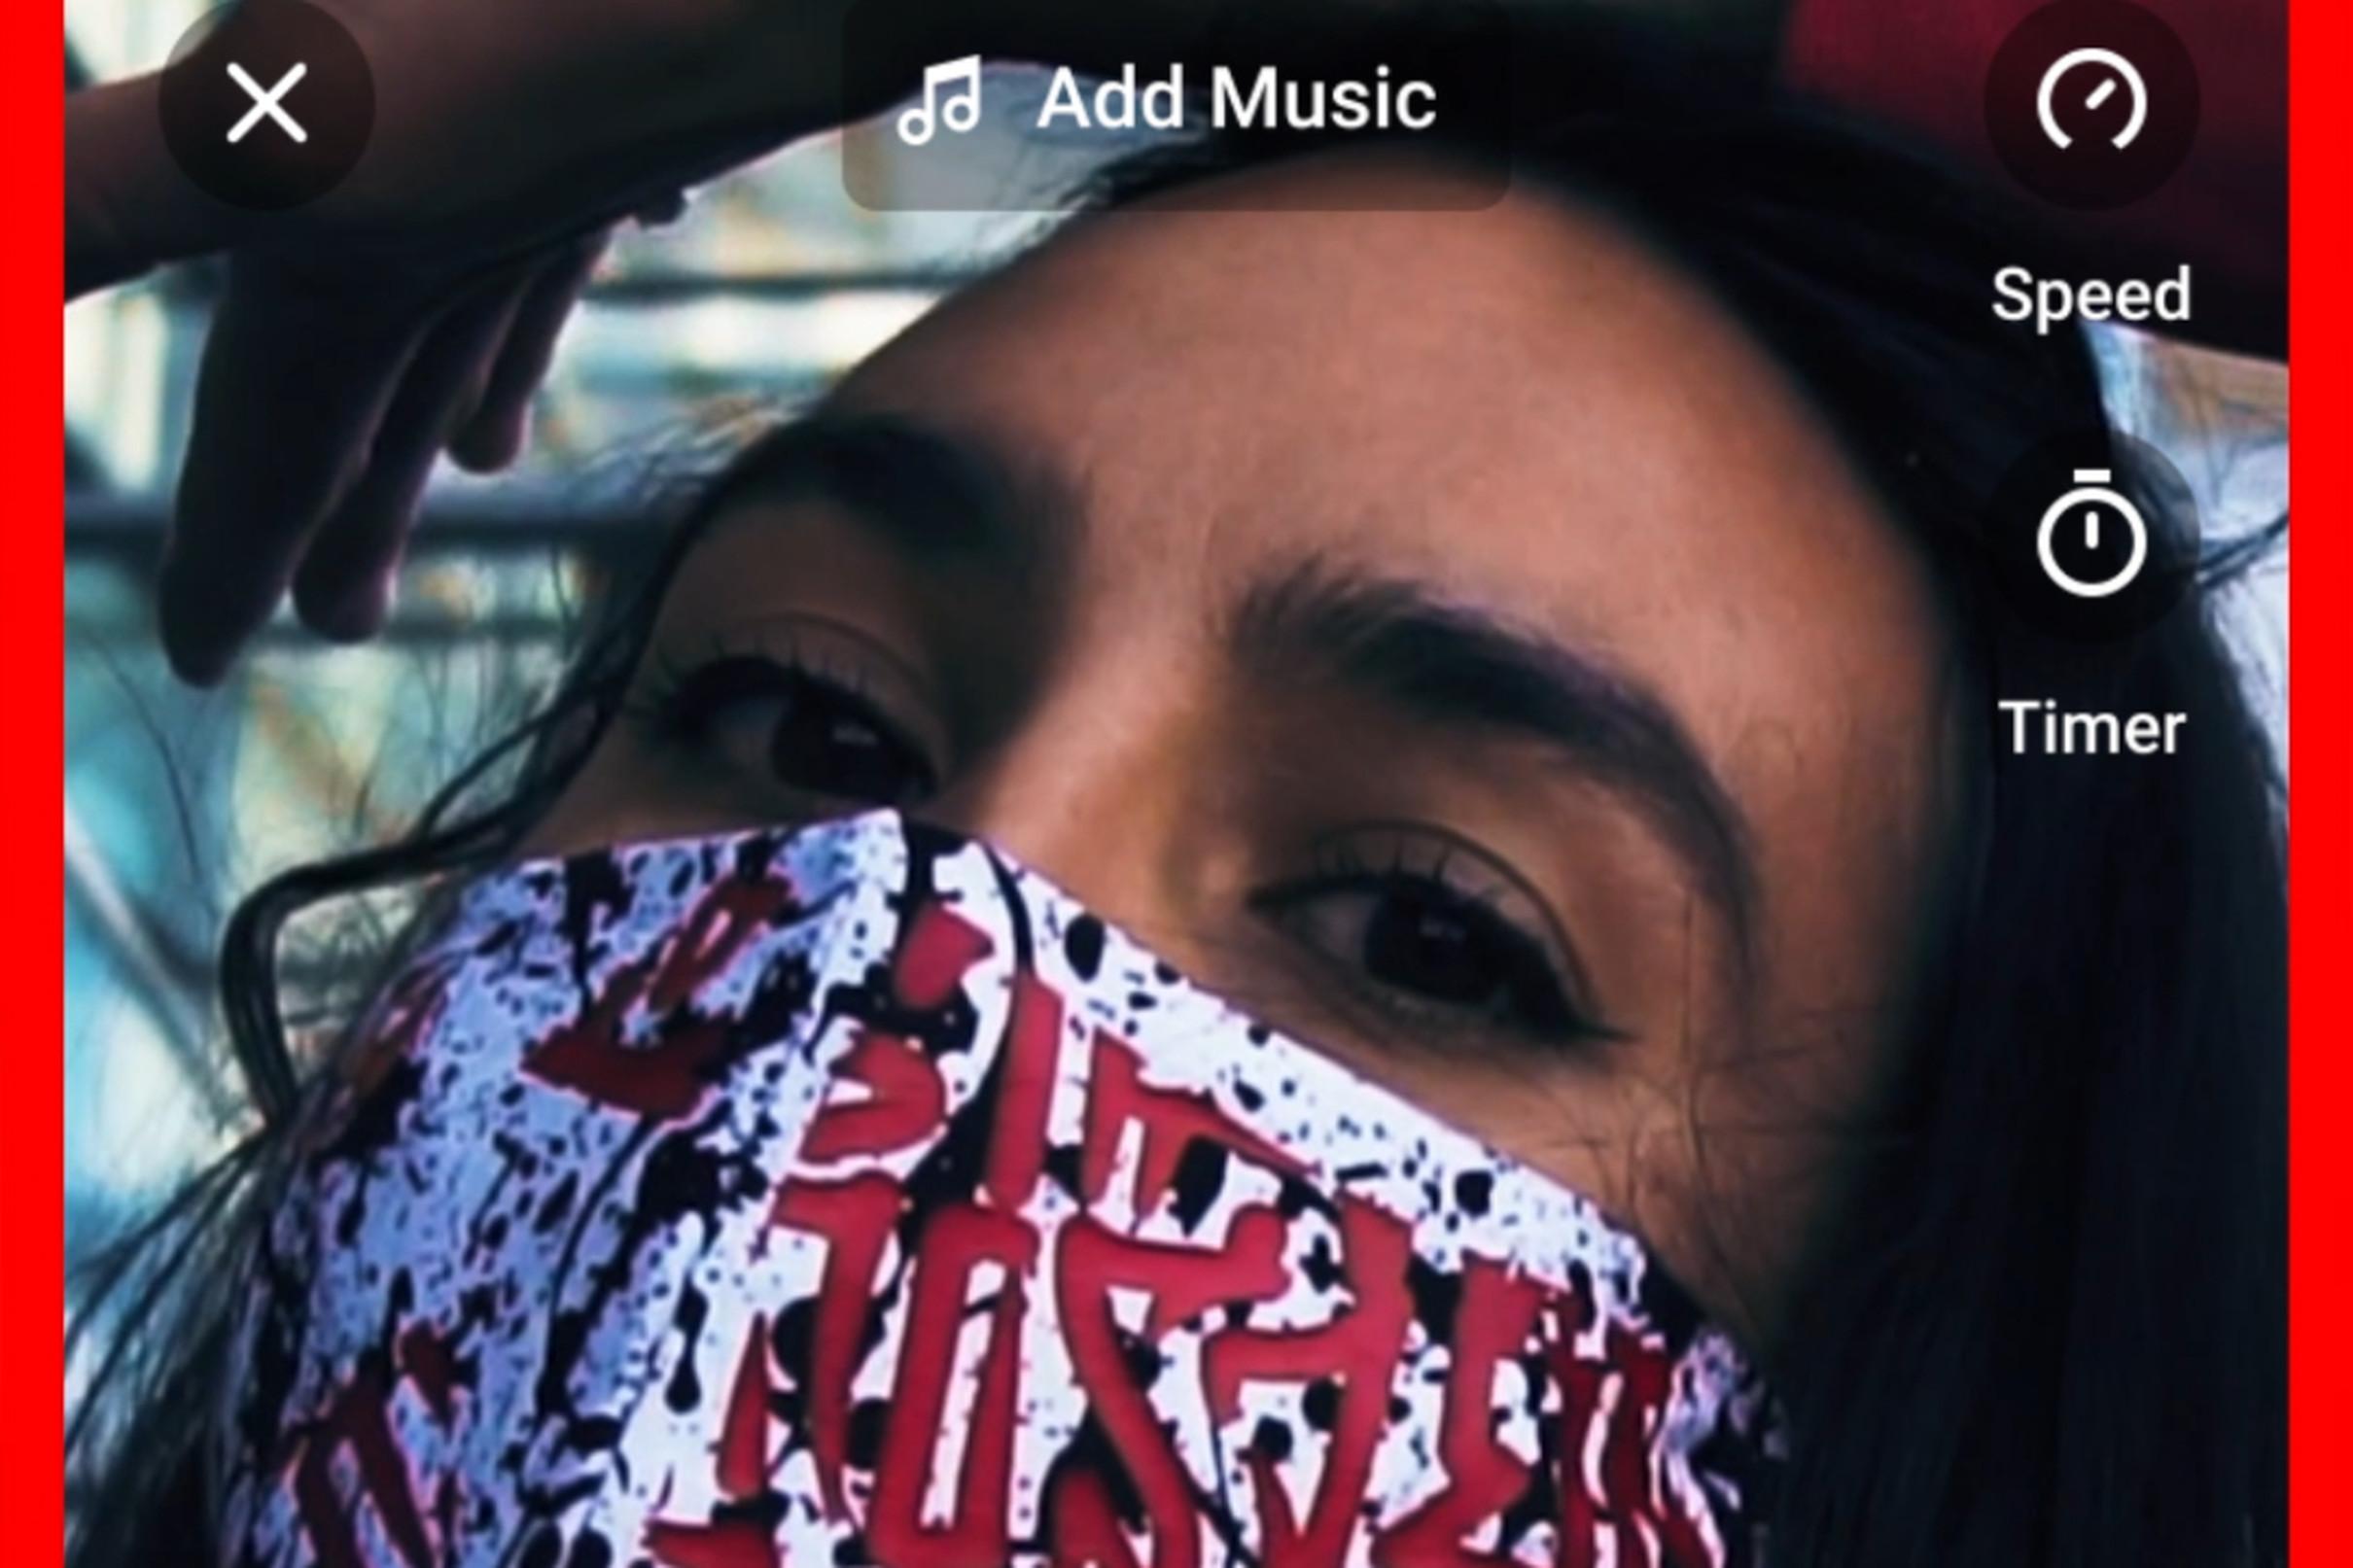 https://cdn.vox-cdn.com/thumbor/_riQV-hJIjIunv0m2bNhS7HSm6Q=/0x0:1080x866/2420x1613/filters:focal(454x780:626x952)/cdn.vox-cdn.com/uploads/chorus_image/image/67403091/youtube_shorts_photo.0.png